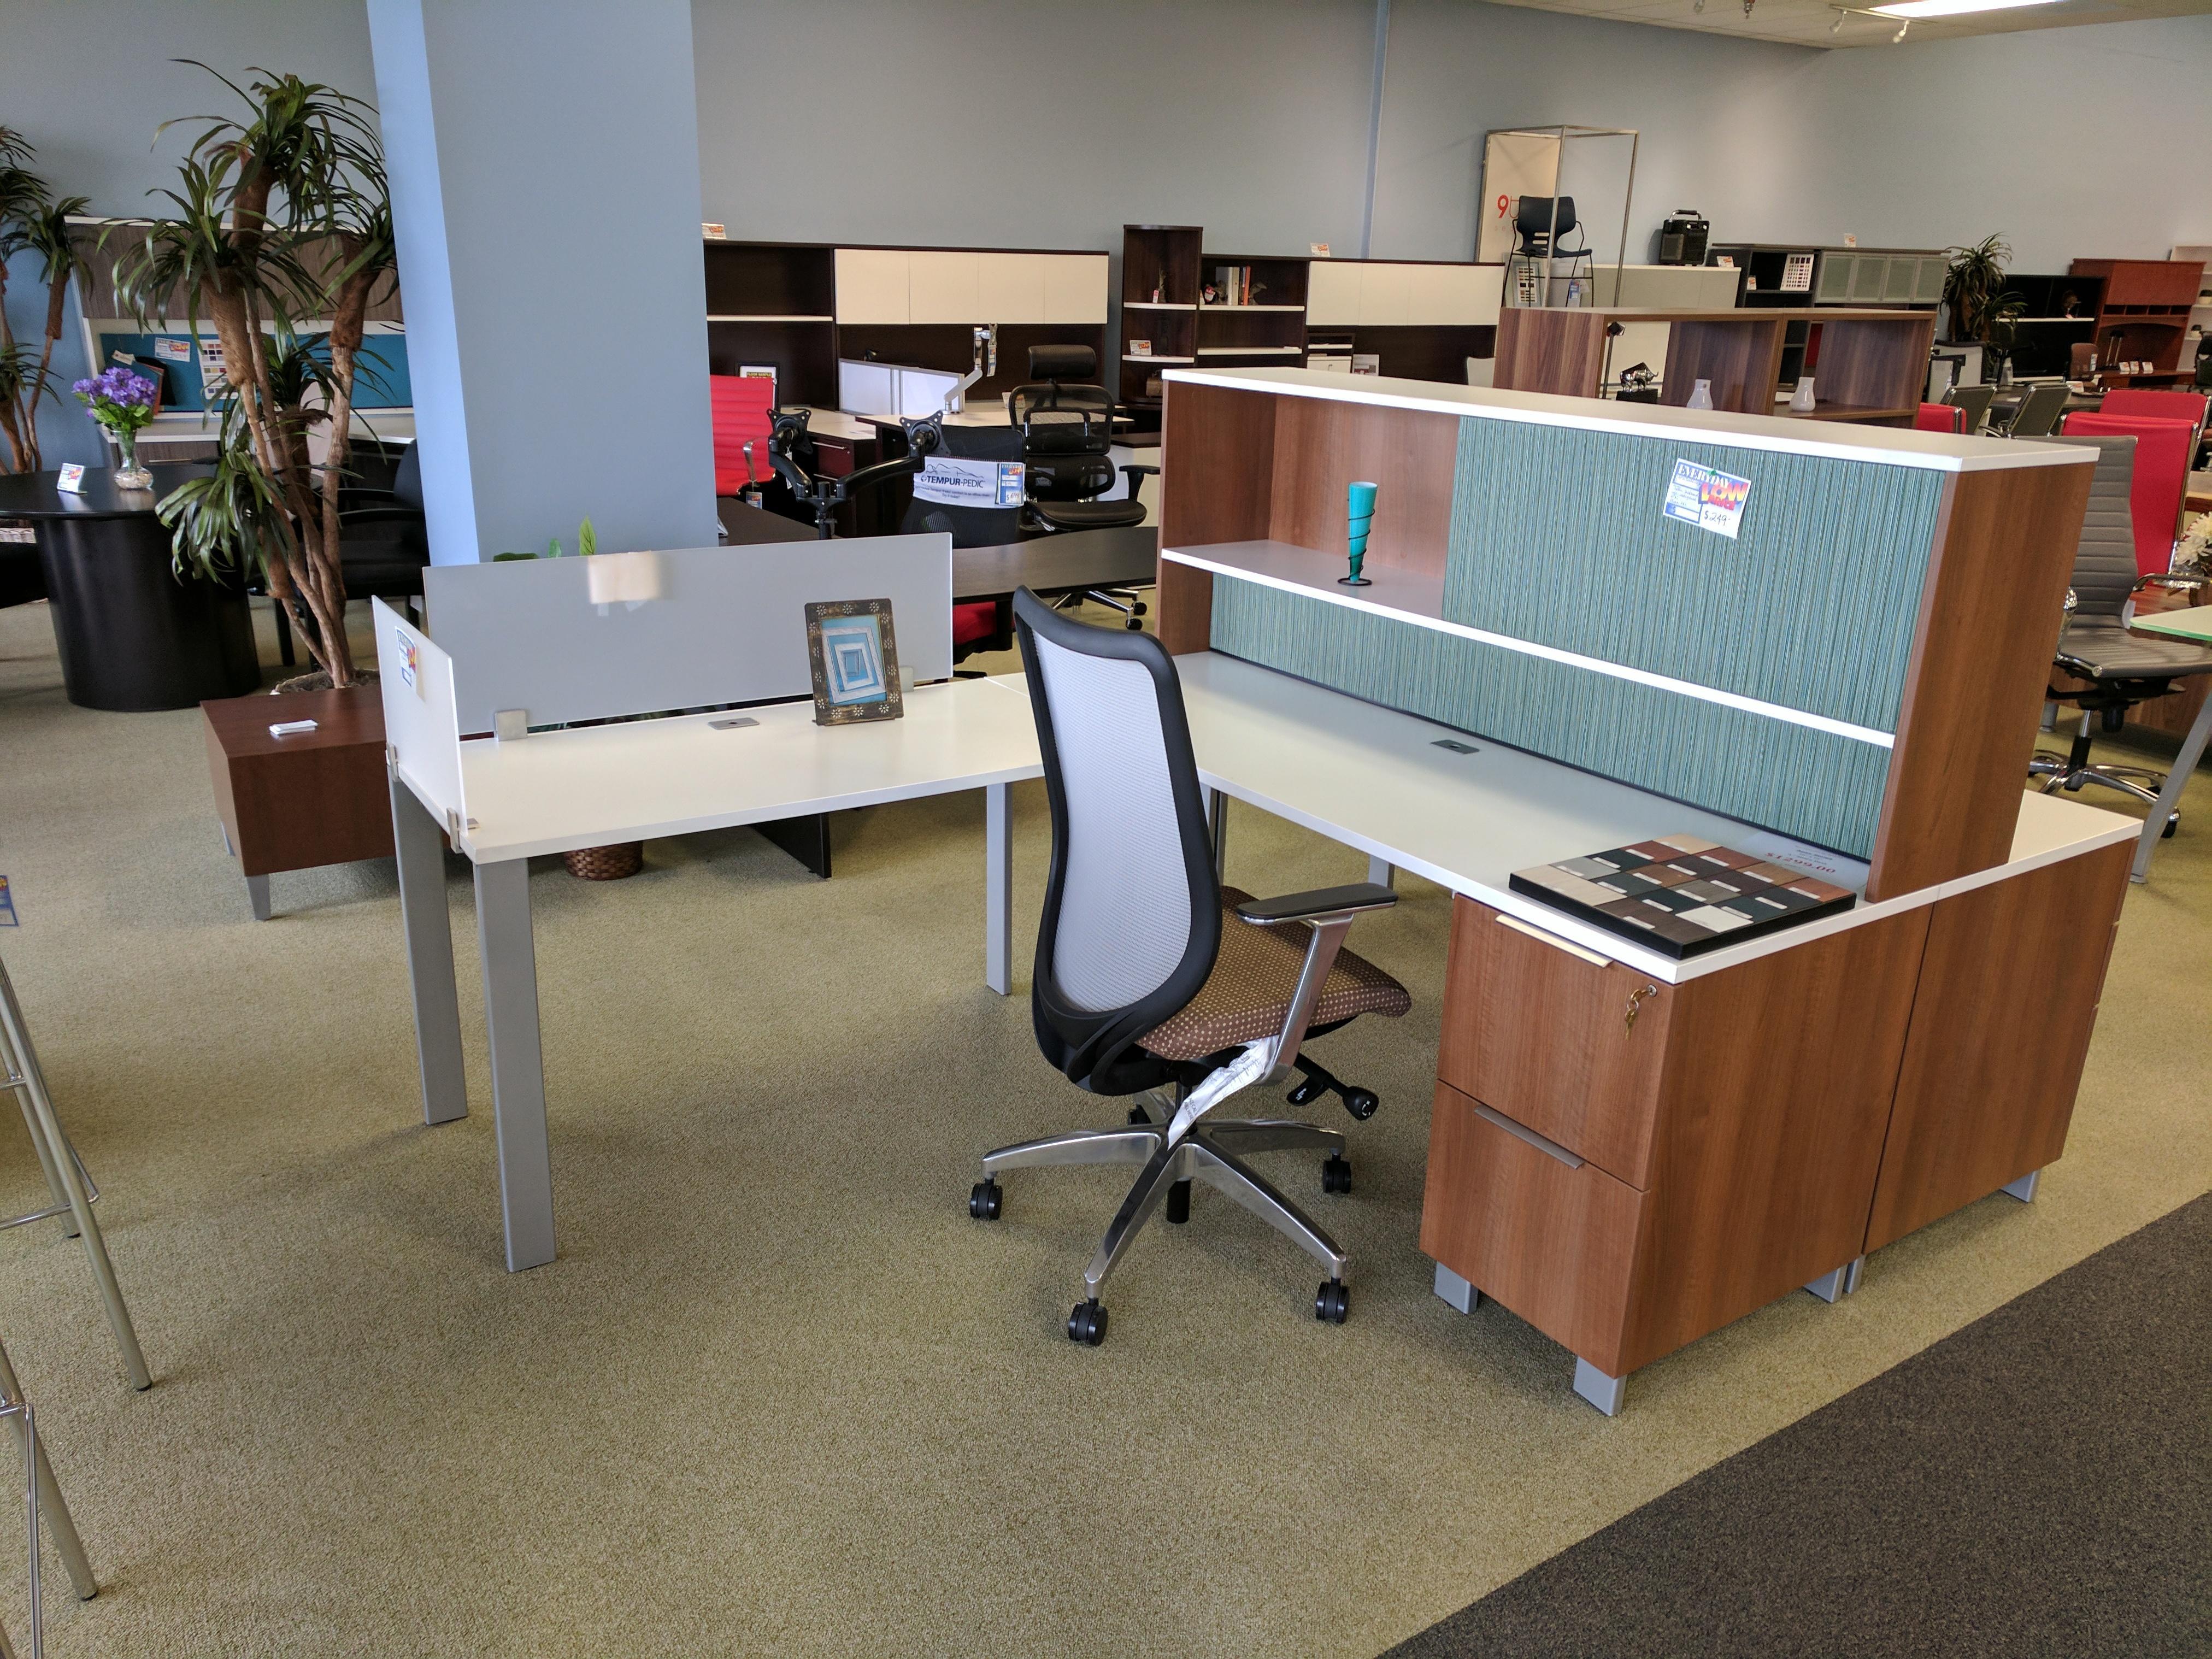 Office Furniture San Diego Ca Desk Chairs Corner Desks